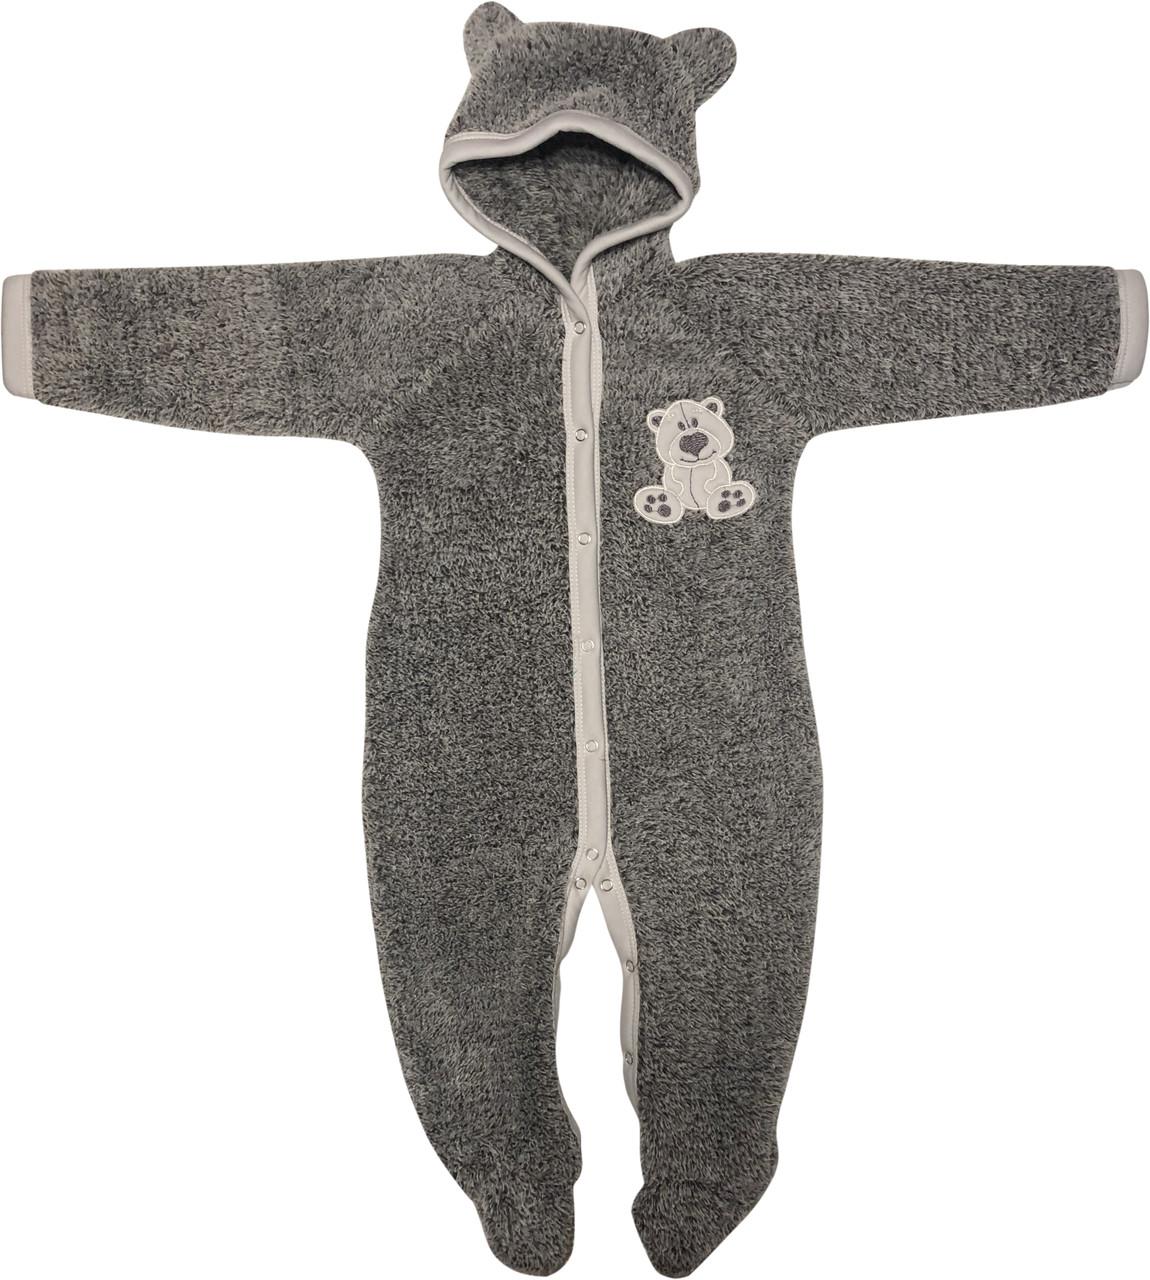 Тёплый человечек слип на мальчика рост 80 9-12 мес для новорожденных махровый с капюшоном серый